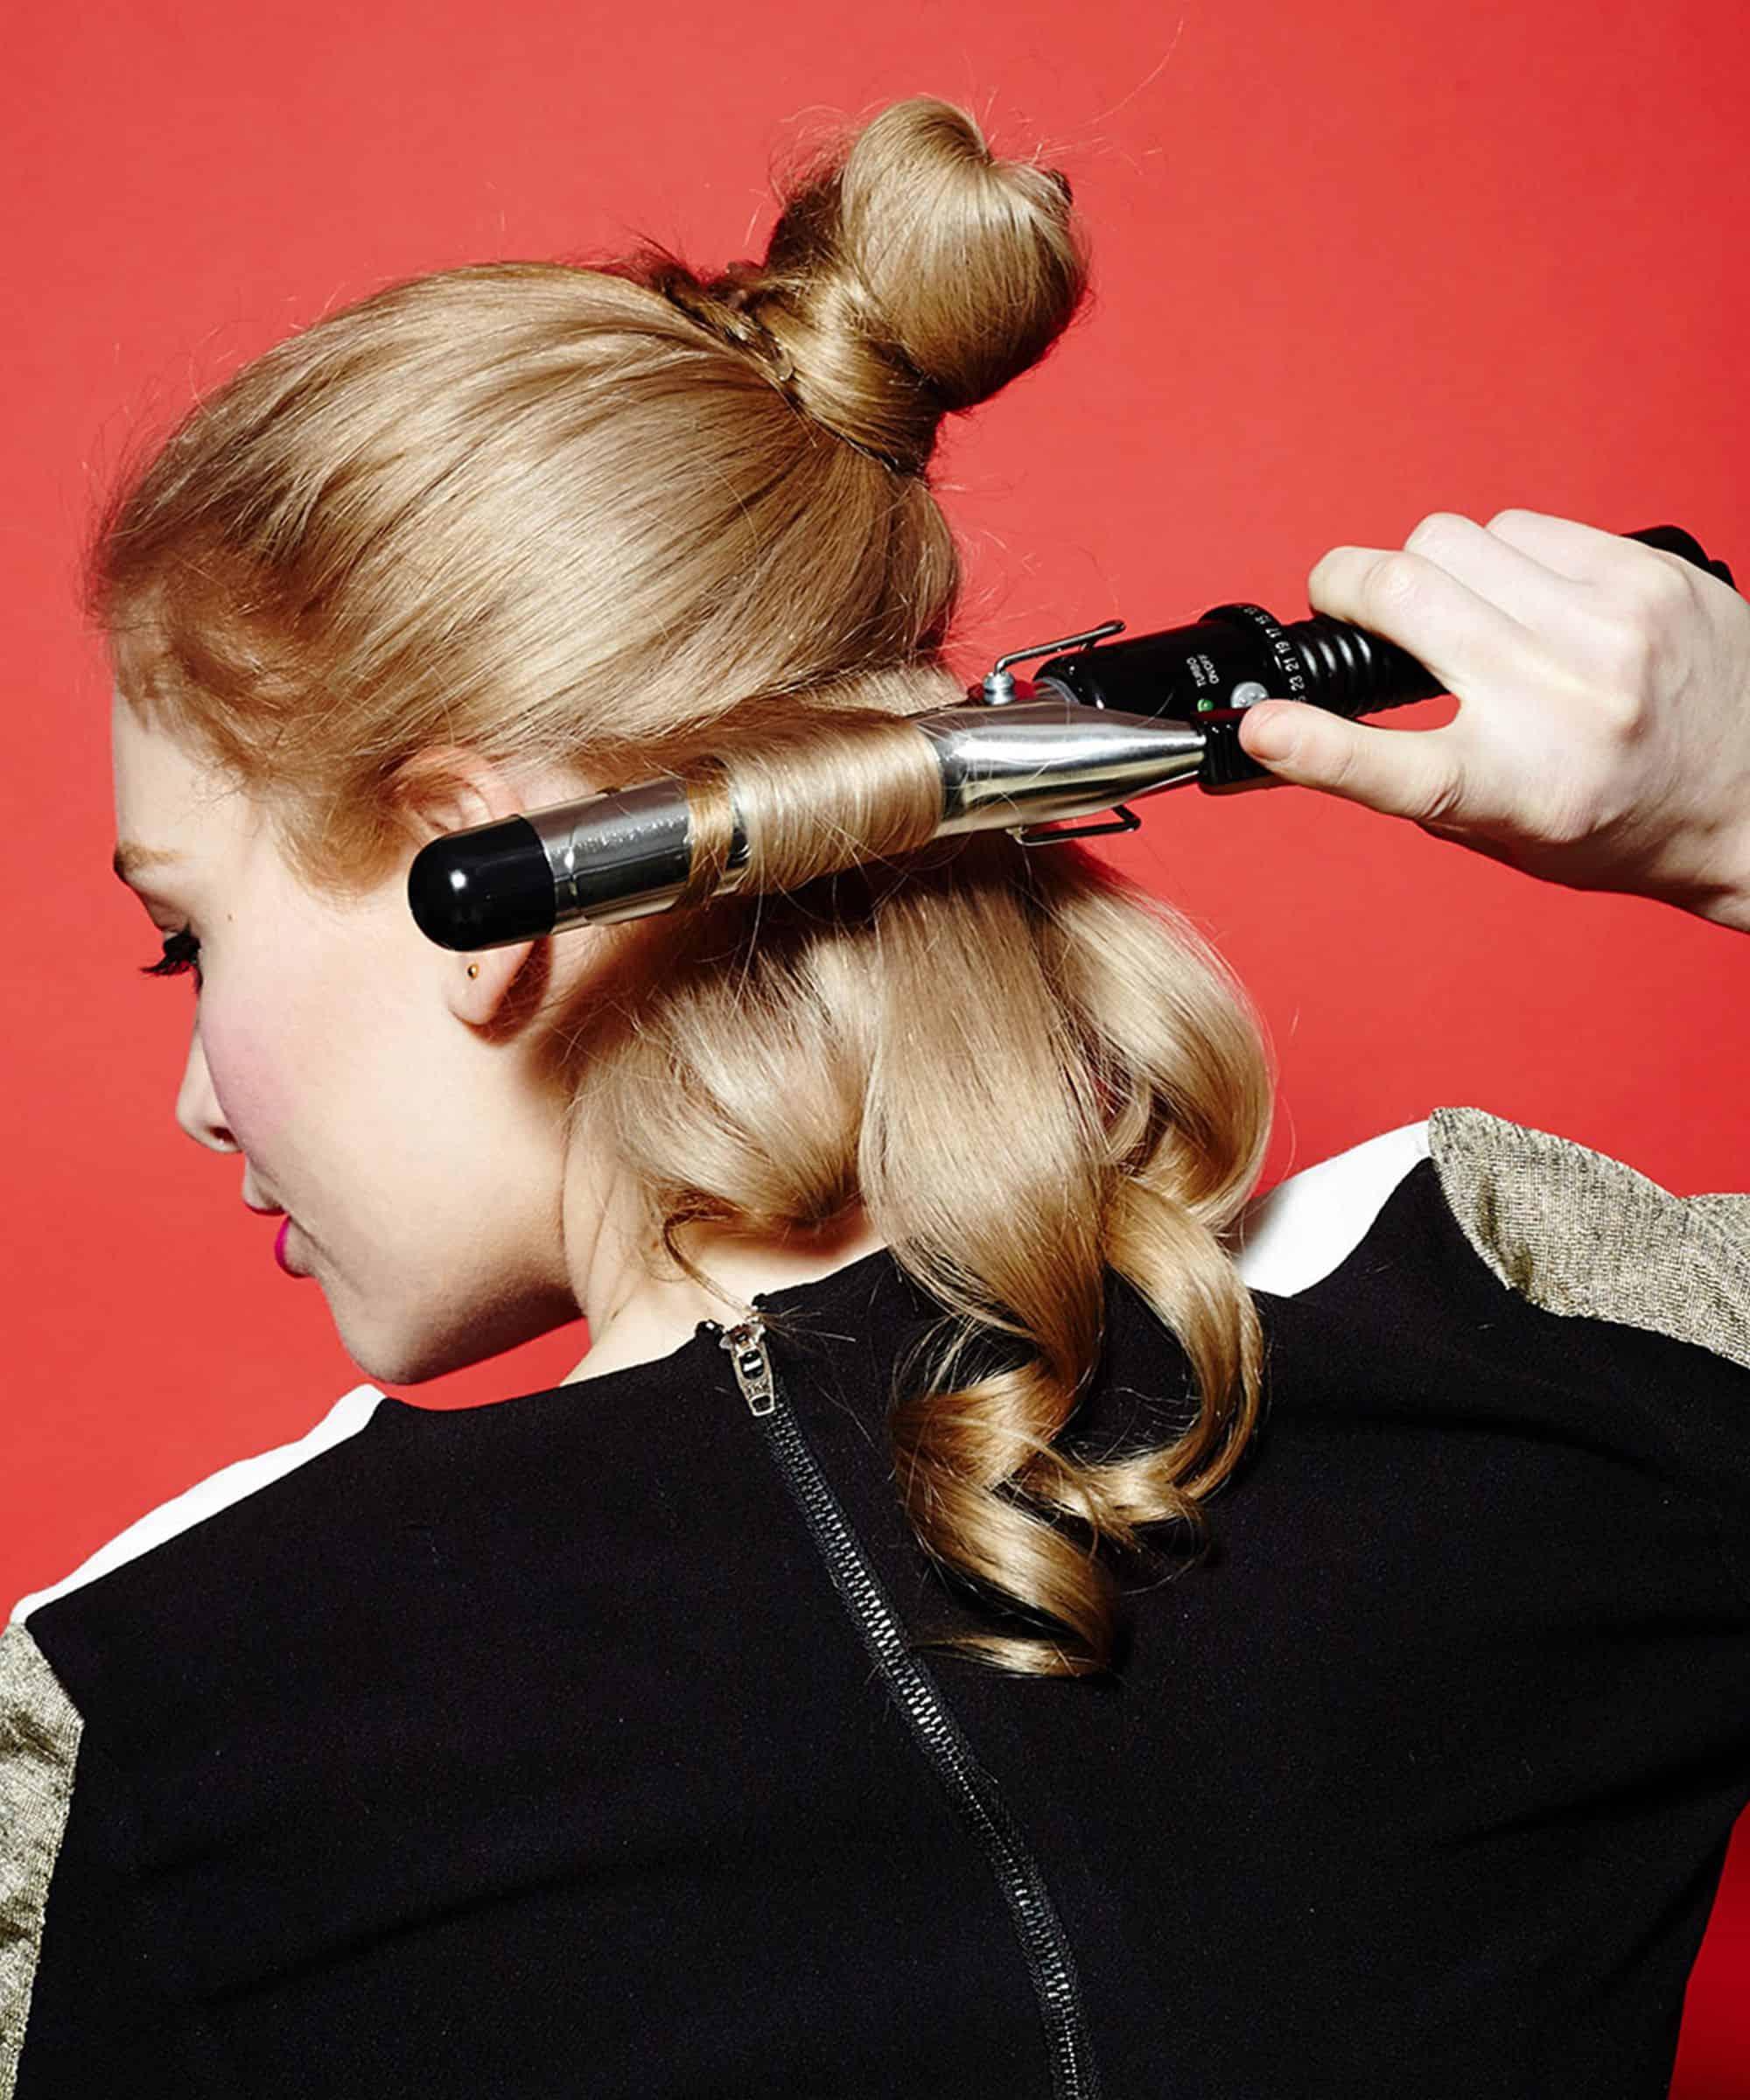 Cách sử dụng máy uốn tóc đẹp và đúng 4